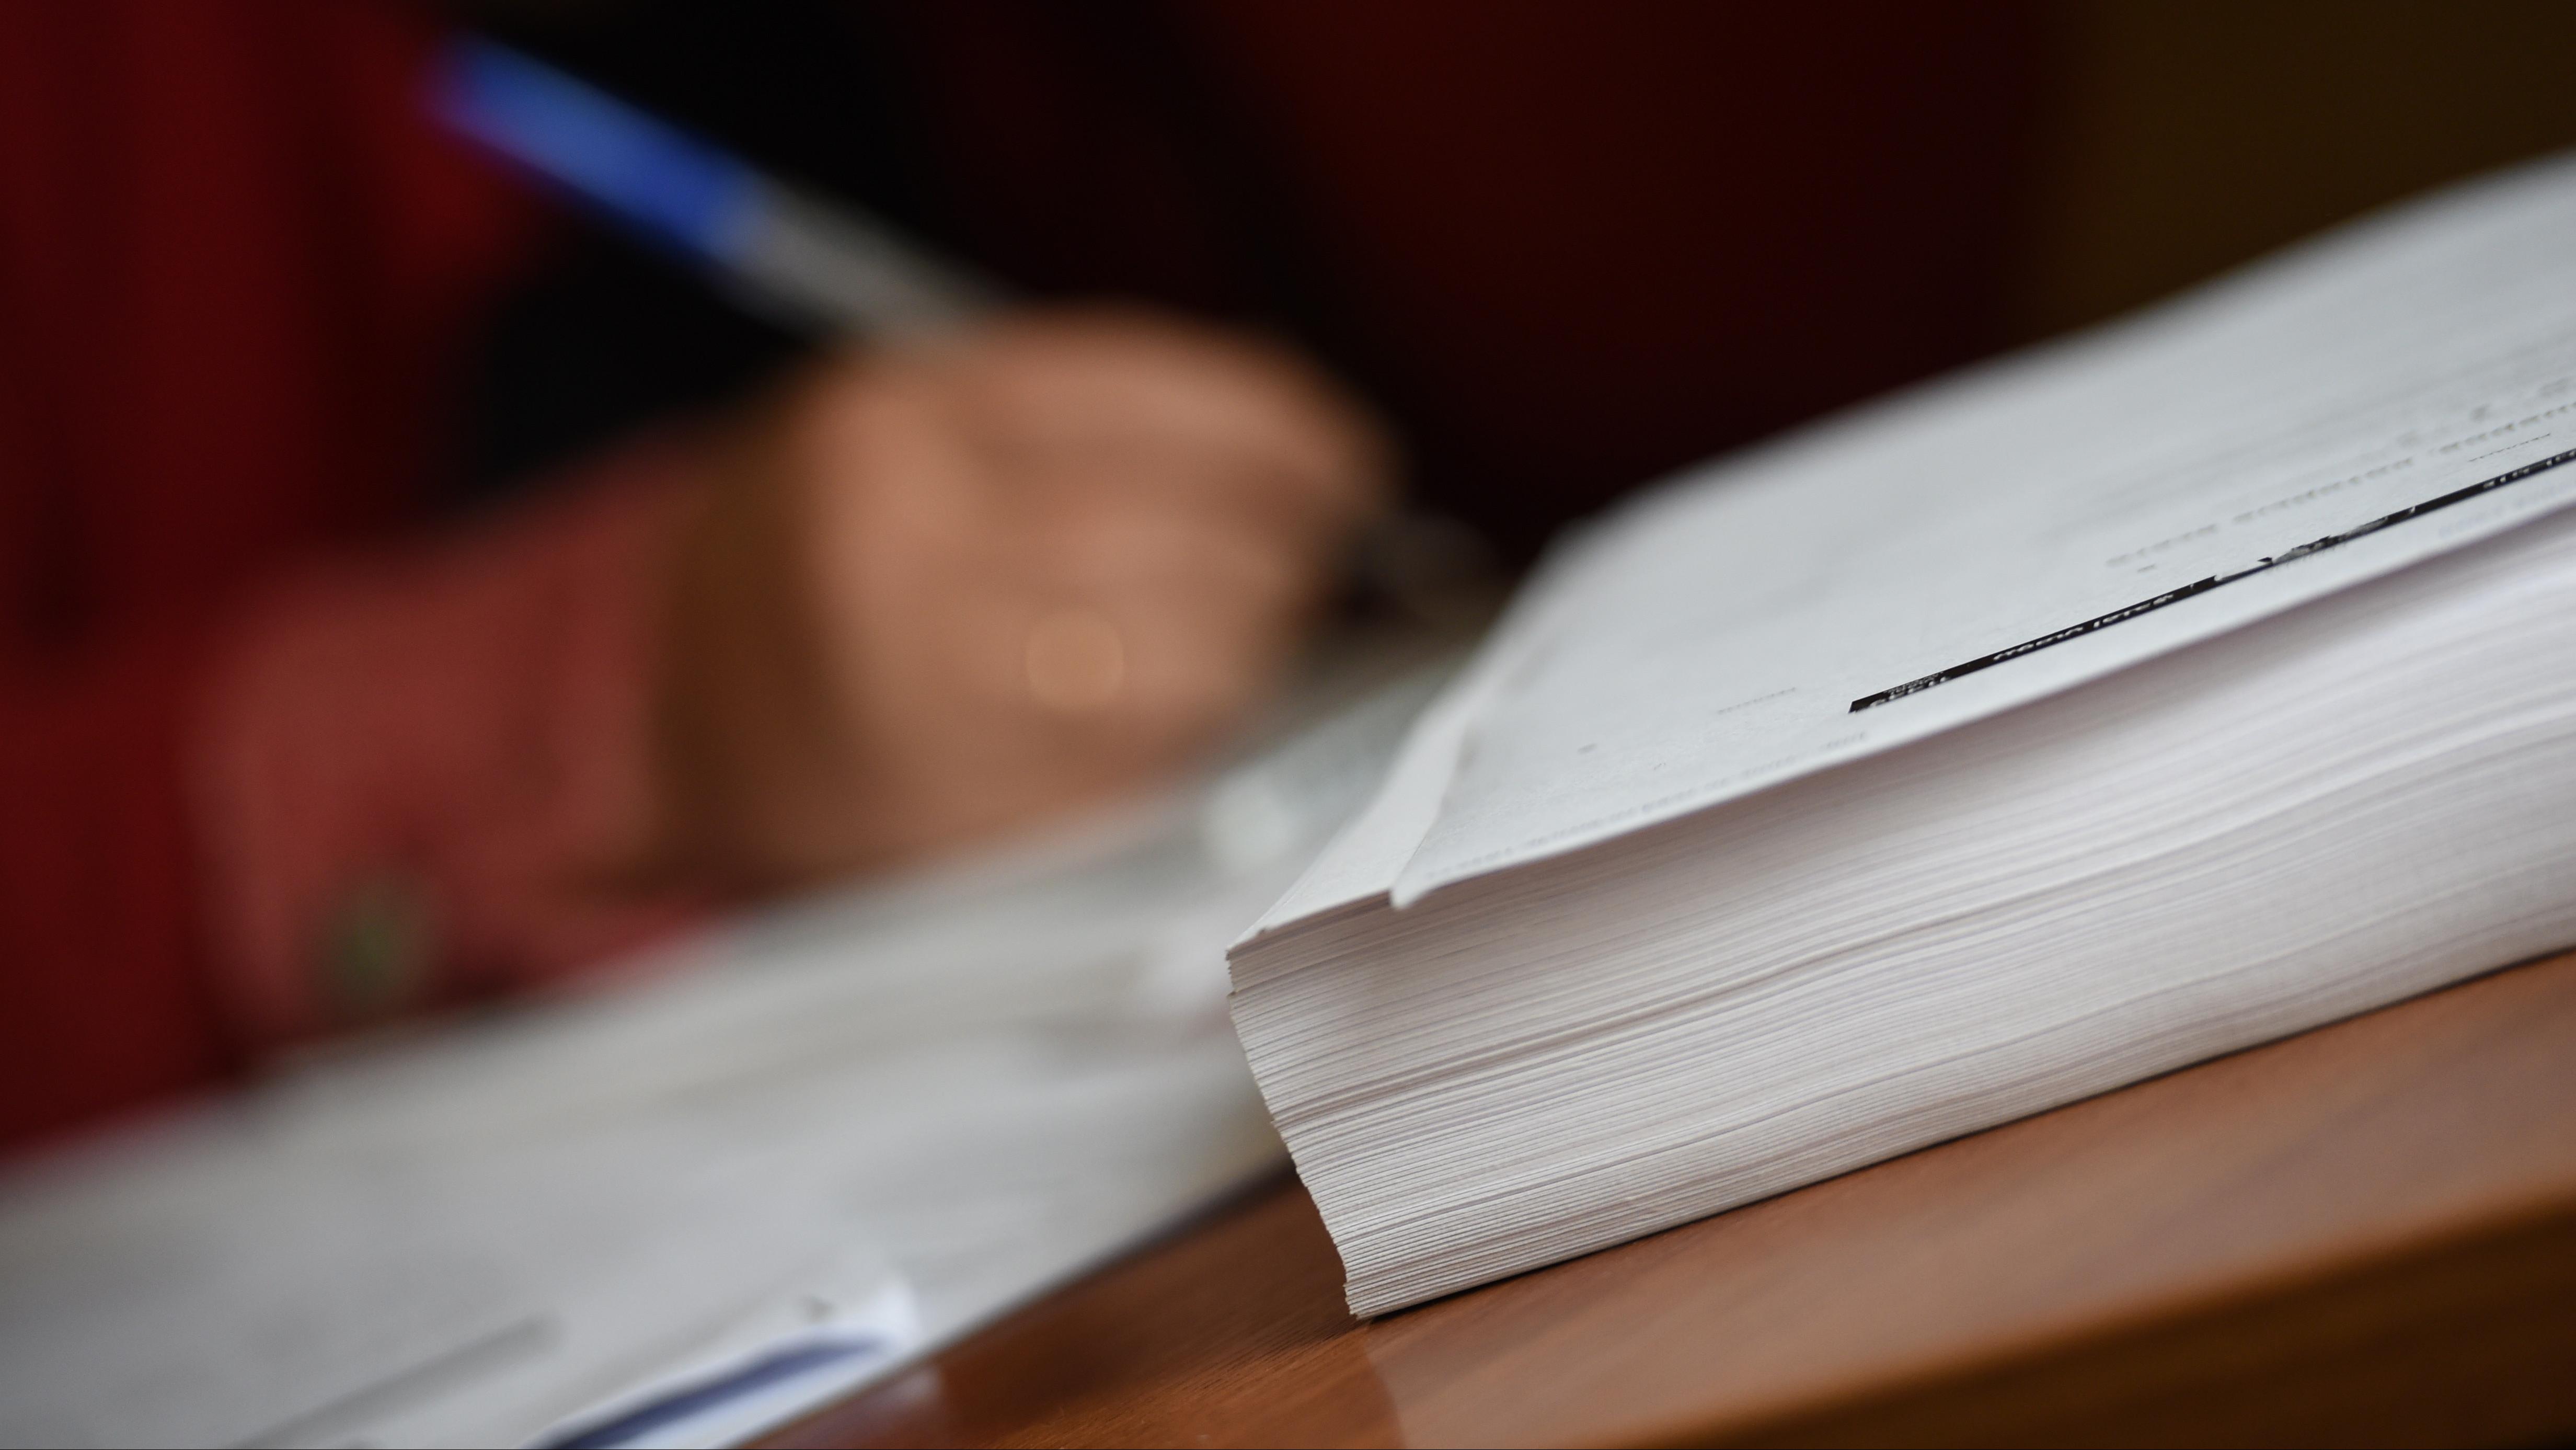 Подмосковное УФАС внесет сведения фирмы «НГ‑СТРОЙ» в реестр недобросовестных поставщиков